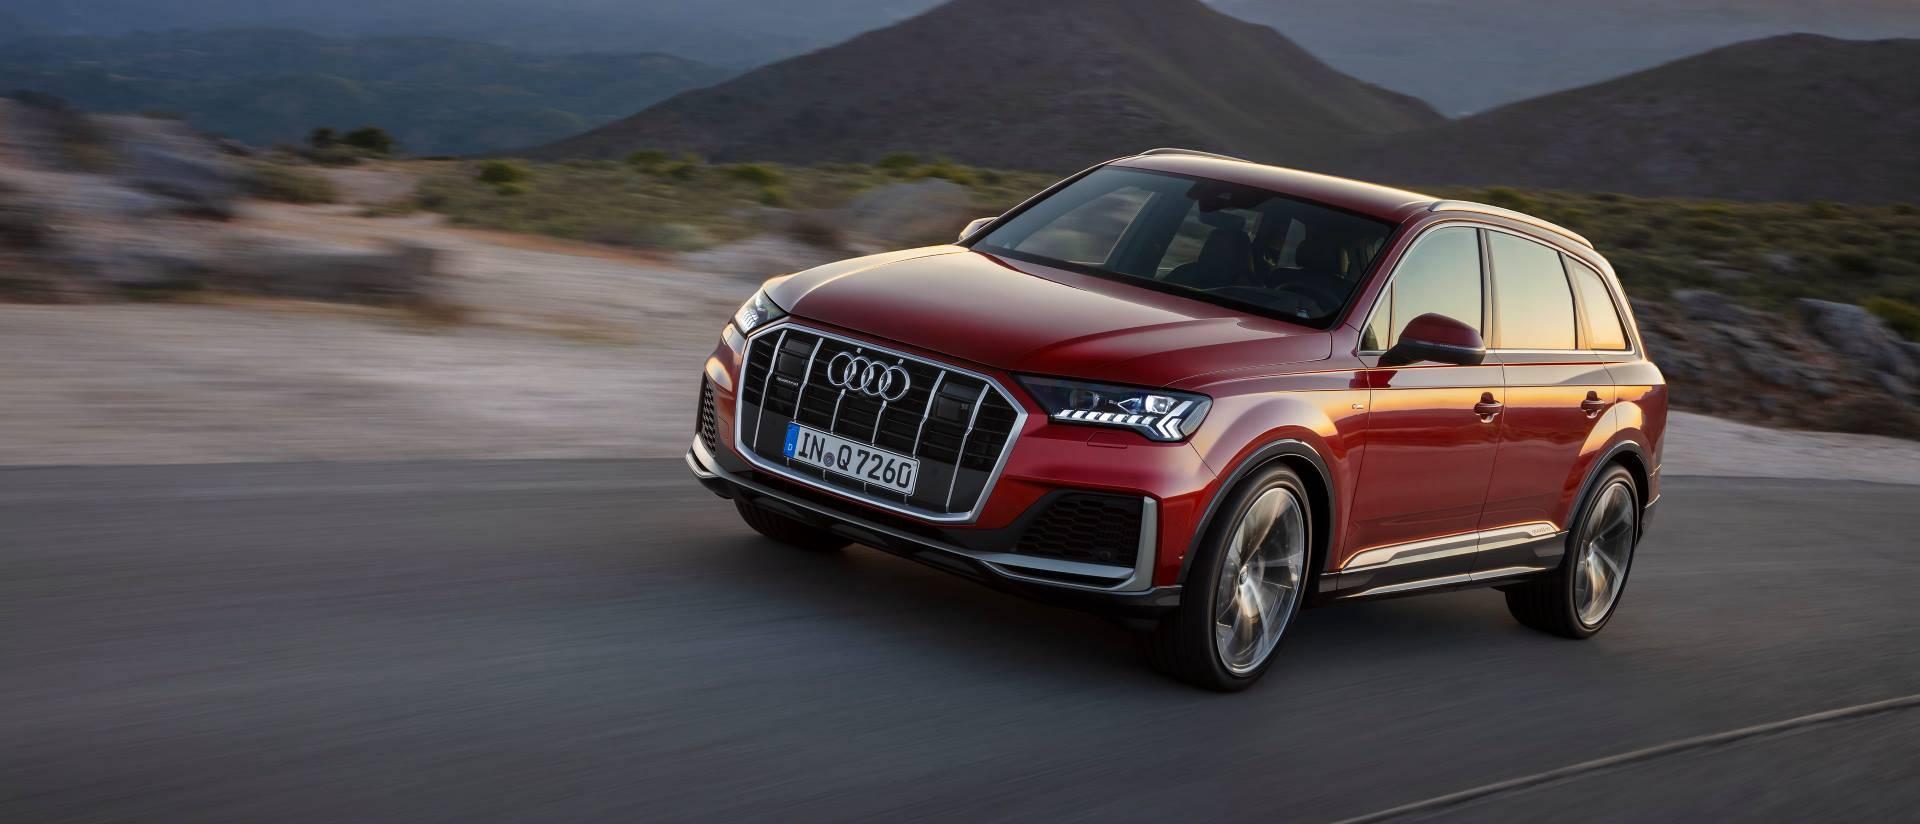 Nouvelle Audi Q7 2019 2020 rouge news actualité